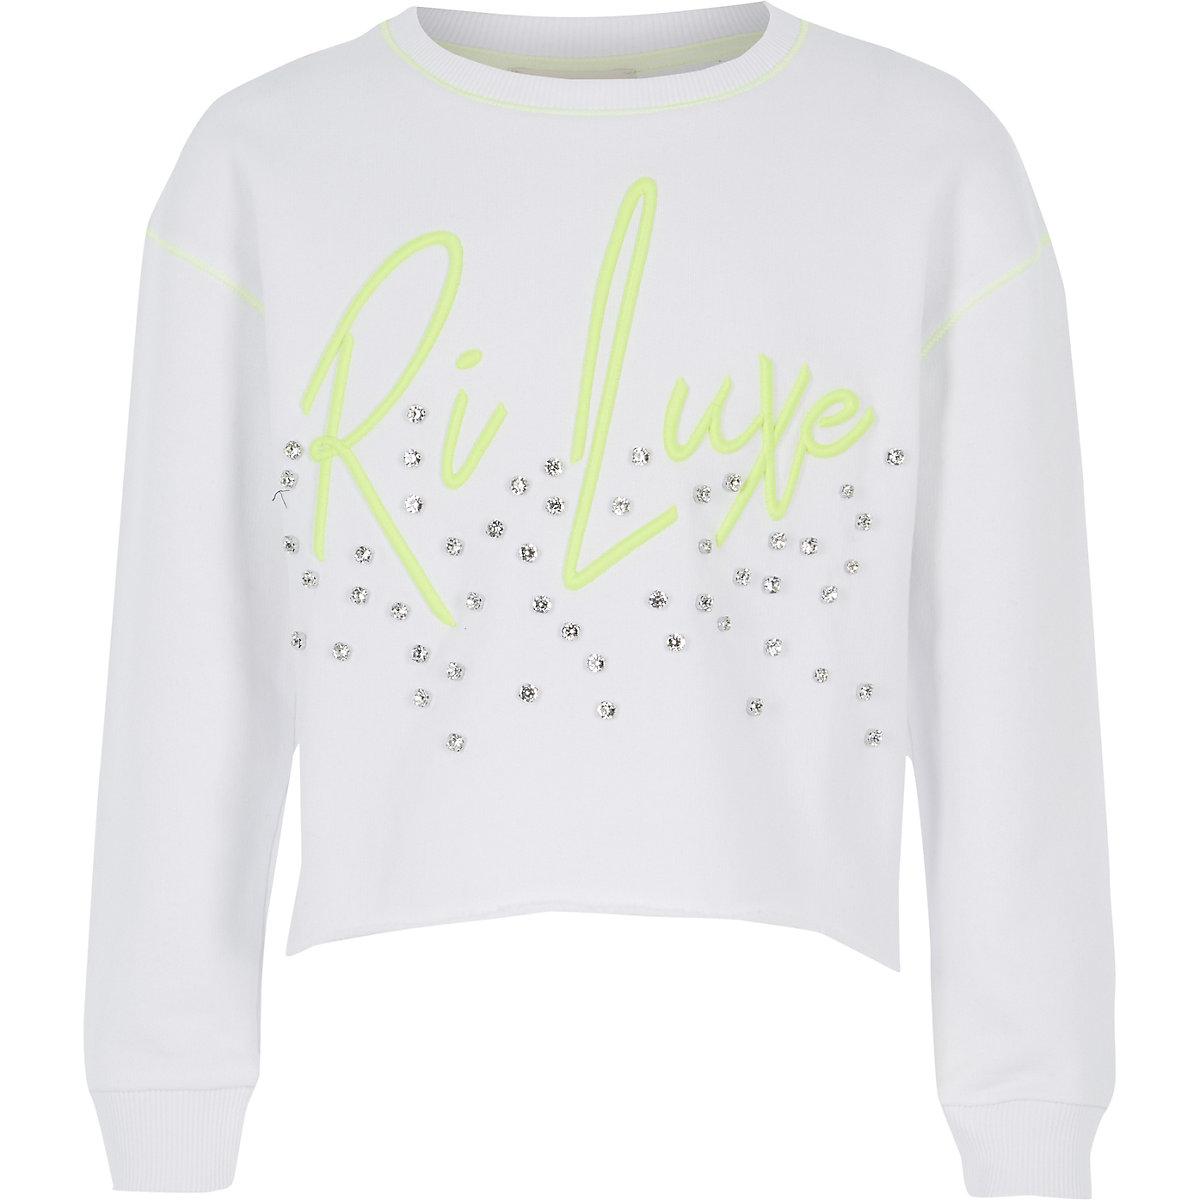 Girls RI Active white diamante sweatshirt